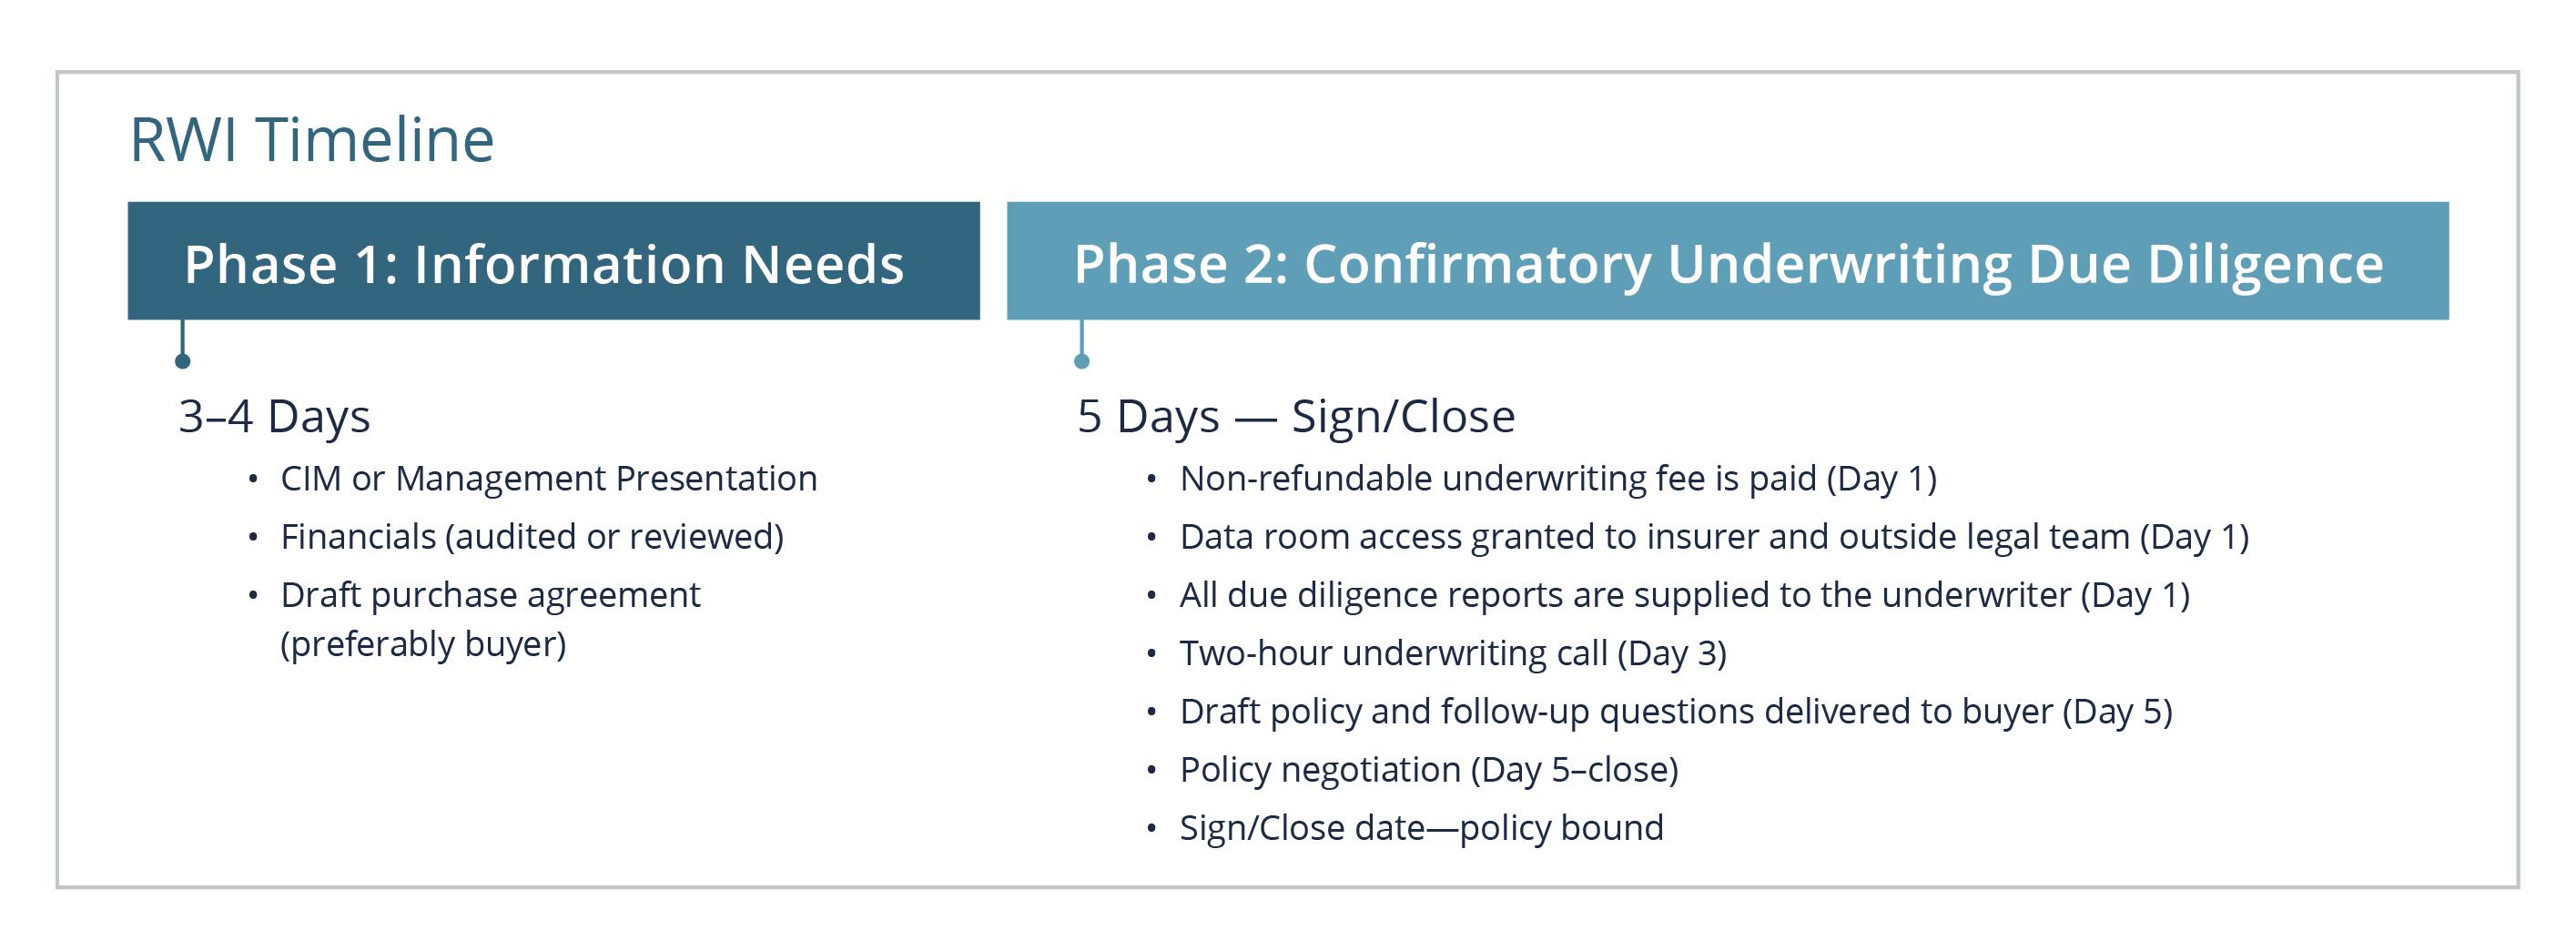 RWI Process Timeline